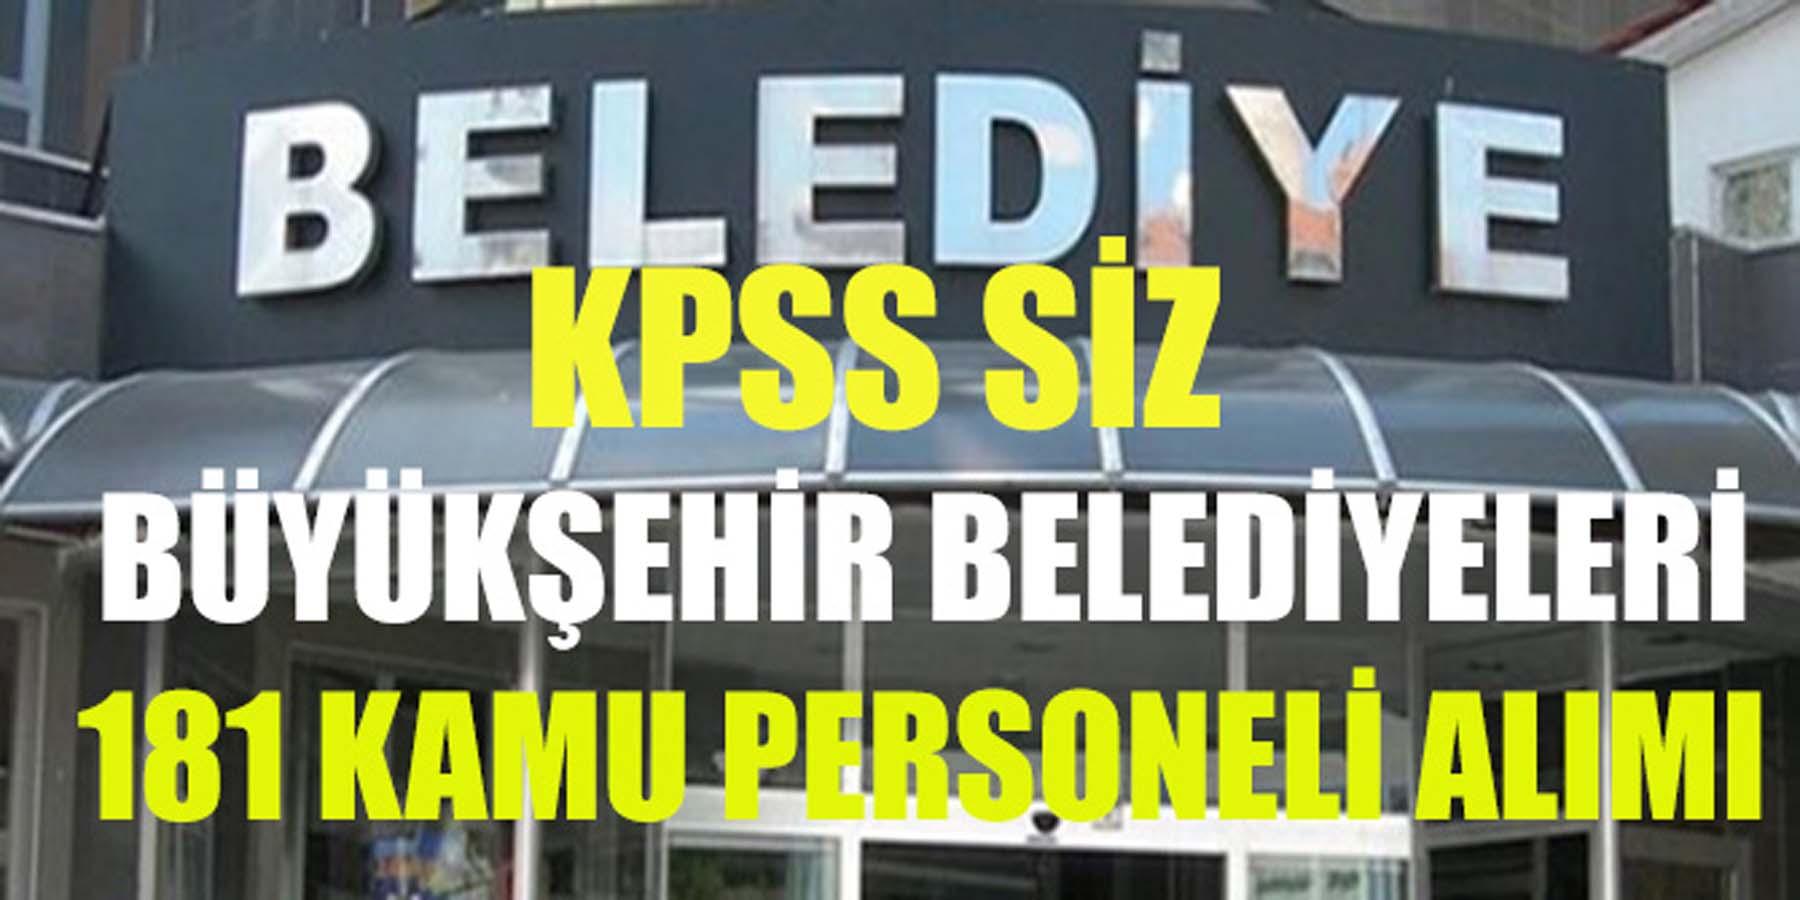 Büyükşehir Belediyeleri 181 Kamu Personeli Alımı (KPSS' SİZ)